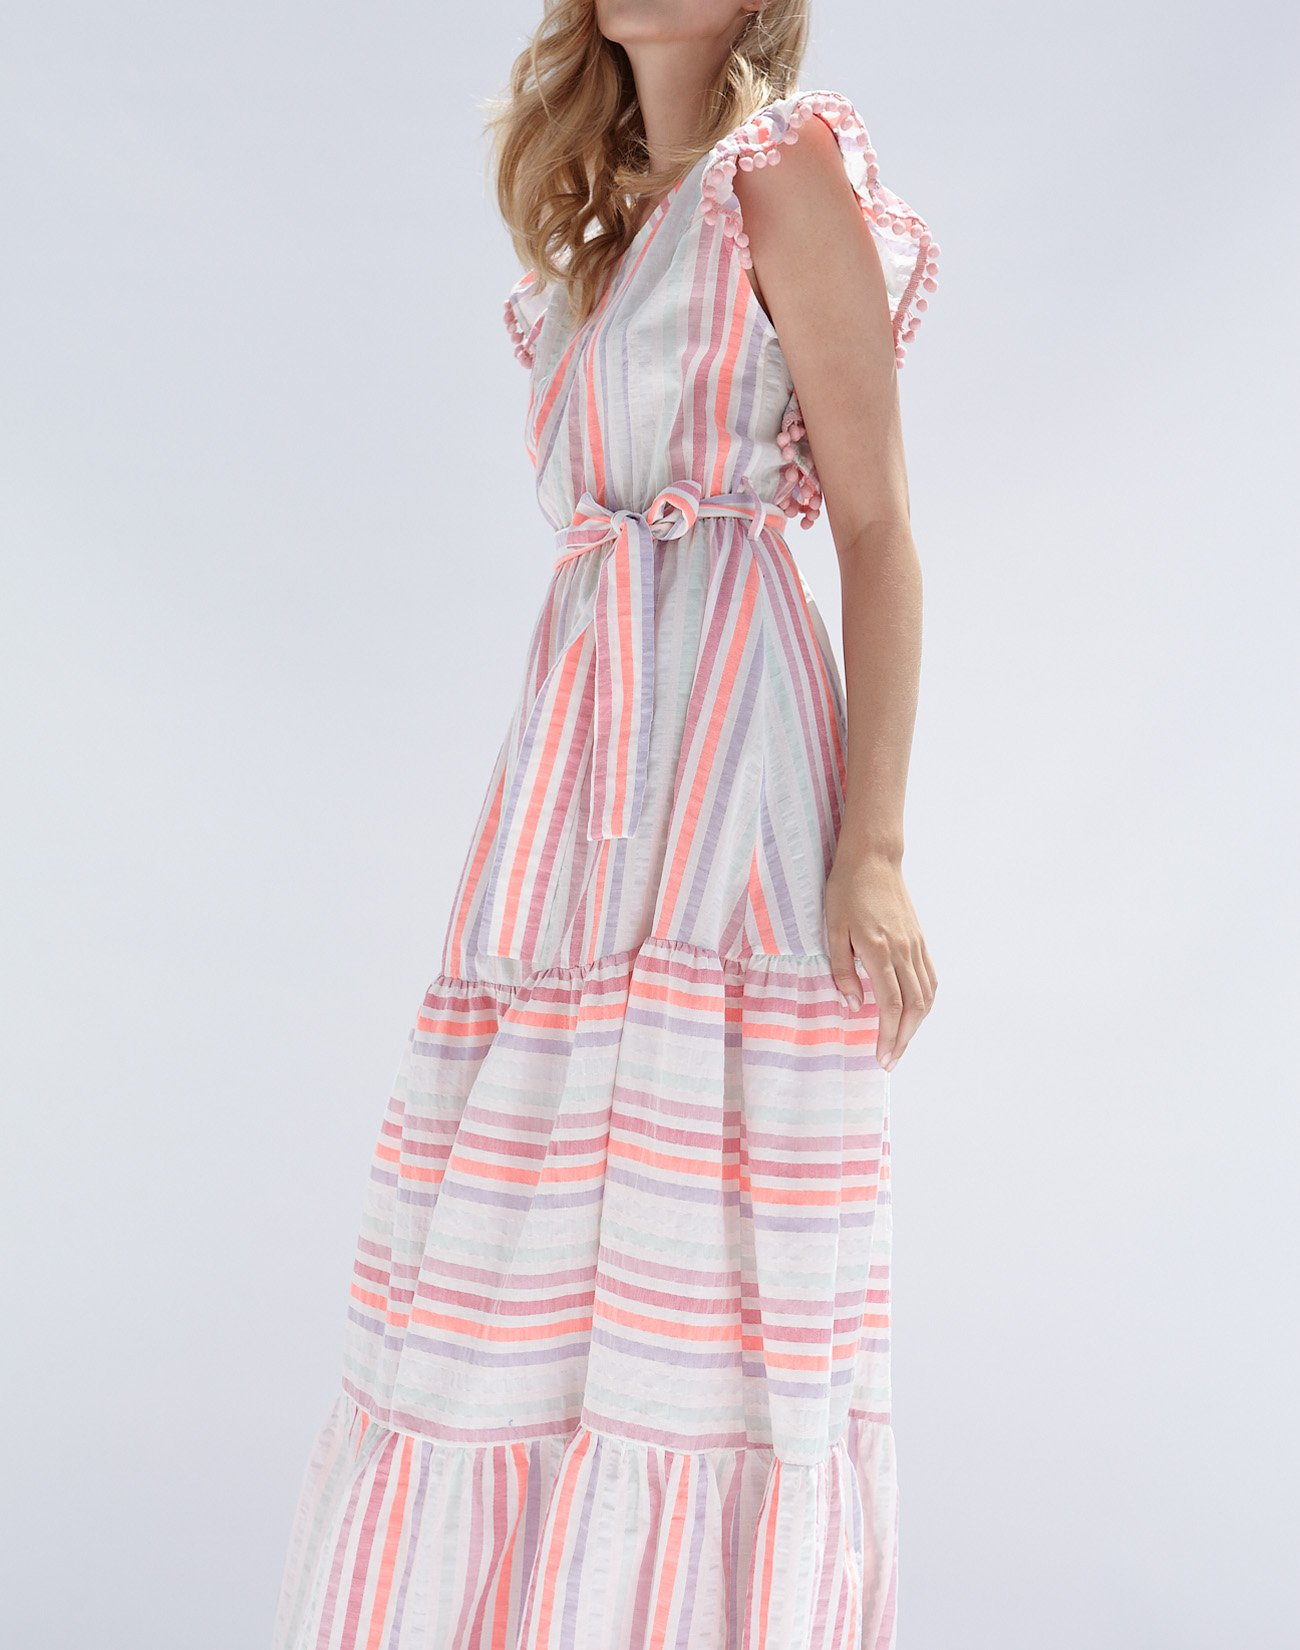 Striped maxi dress with pom poms